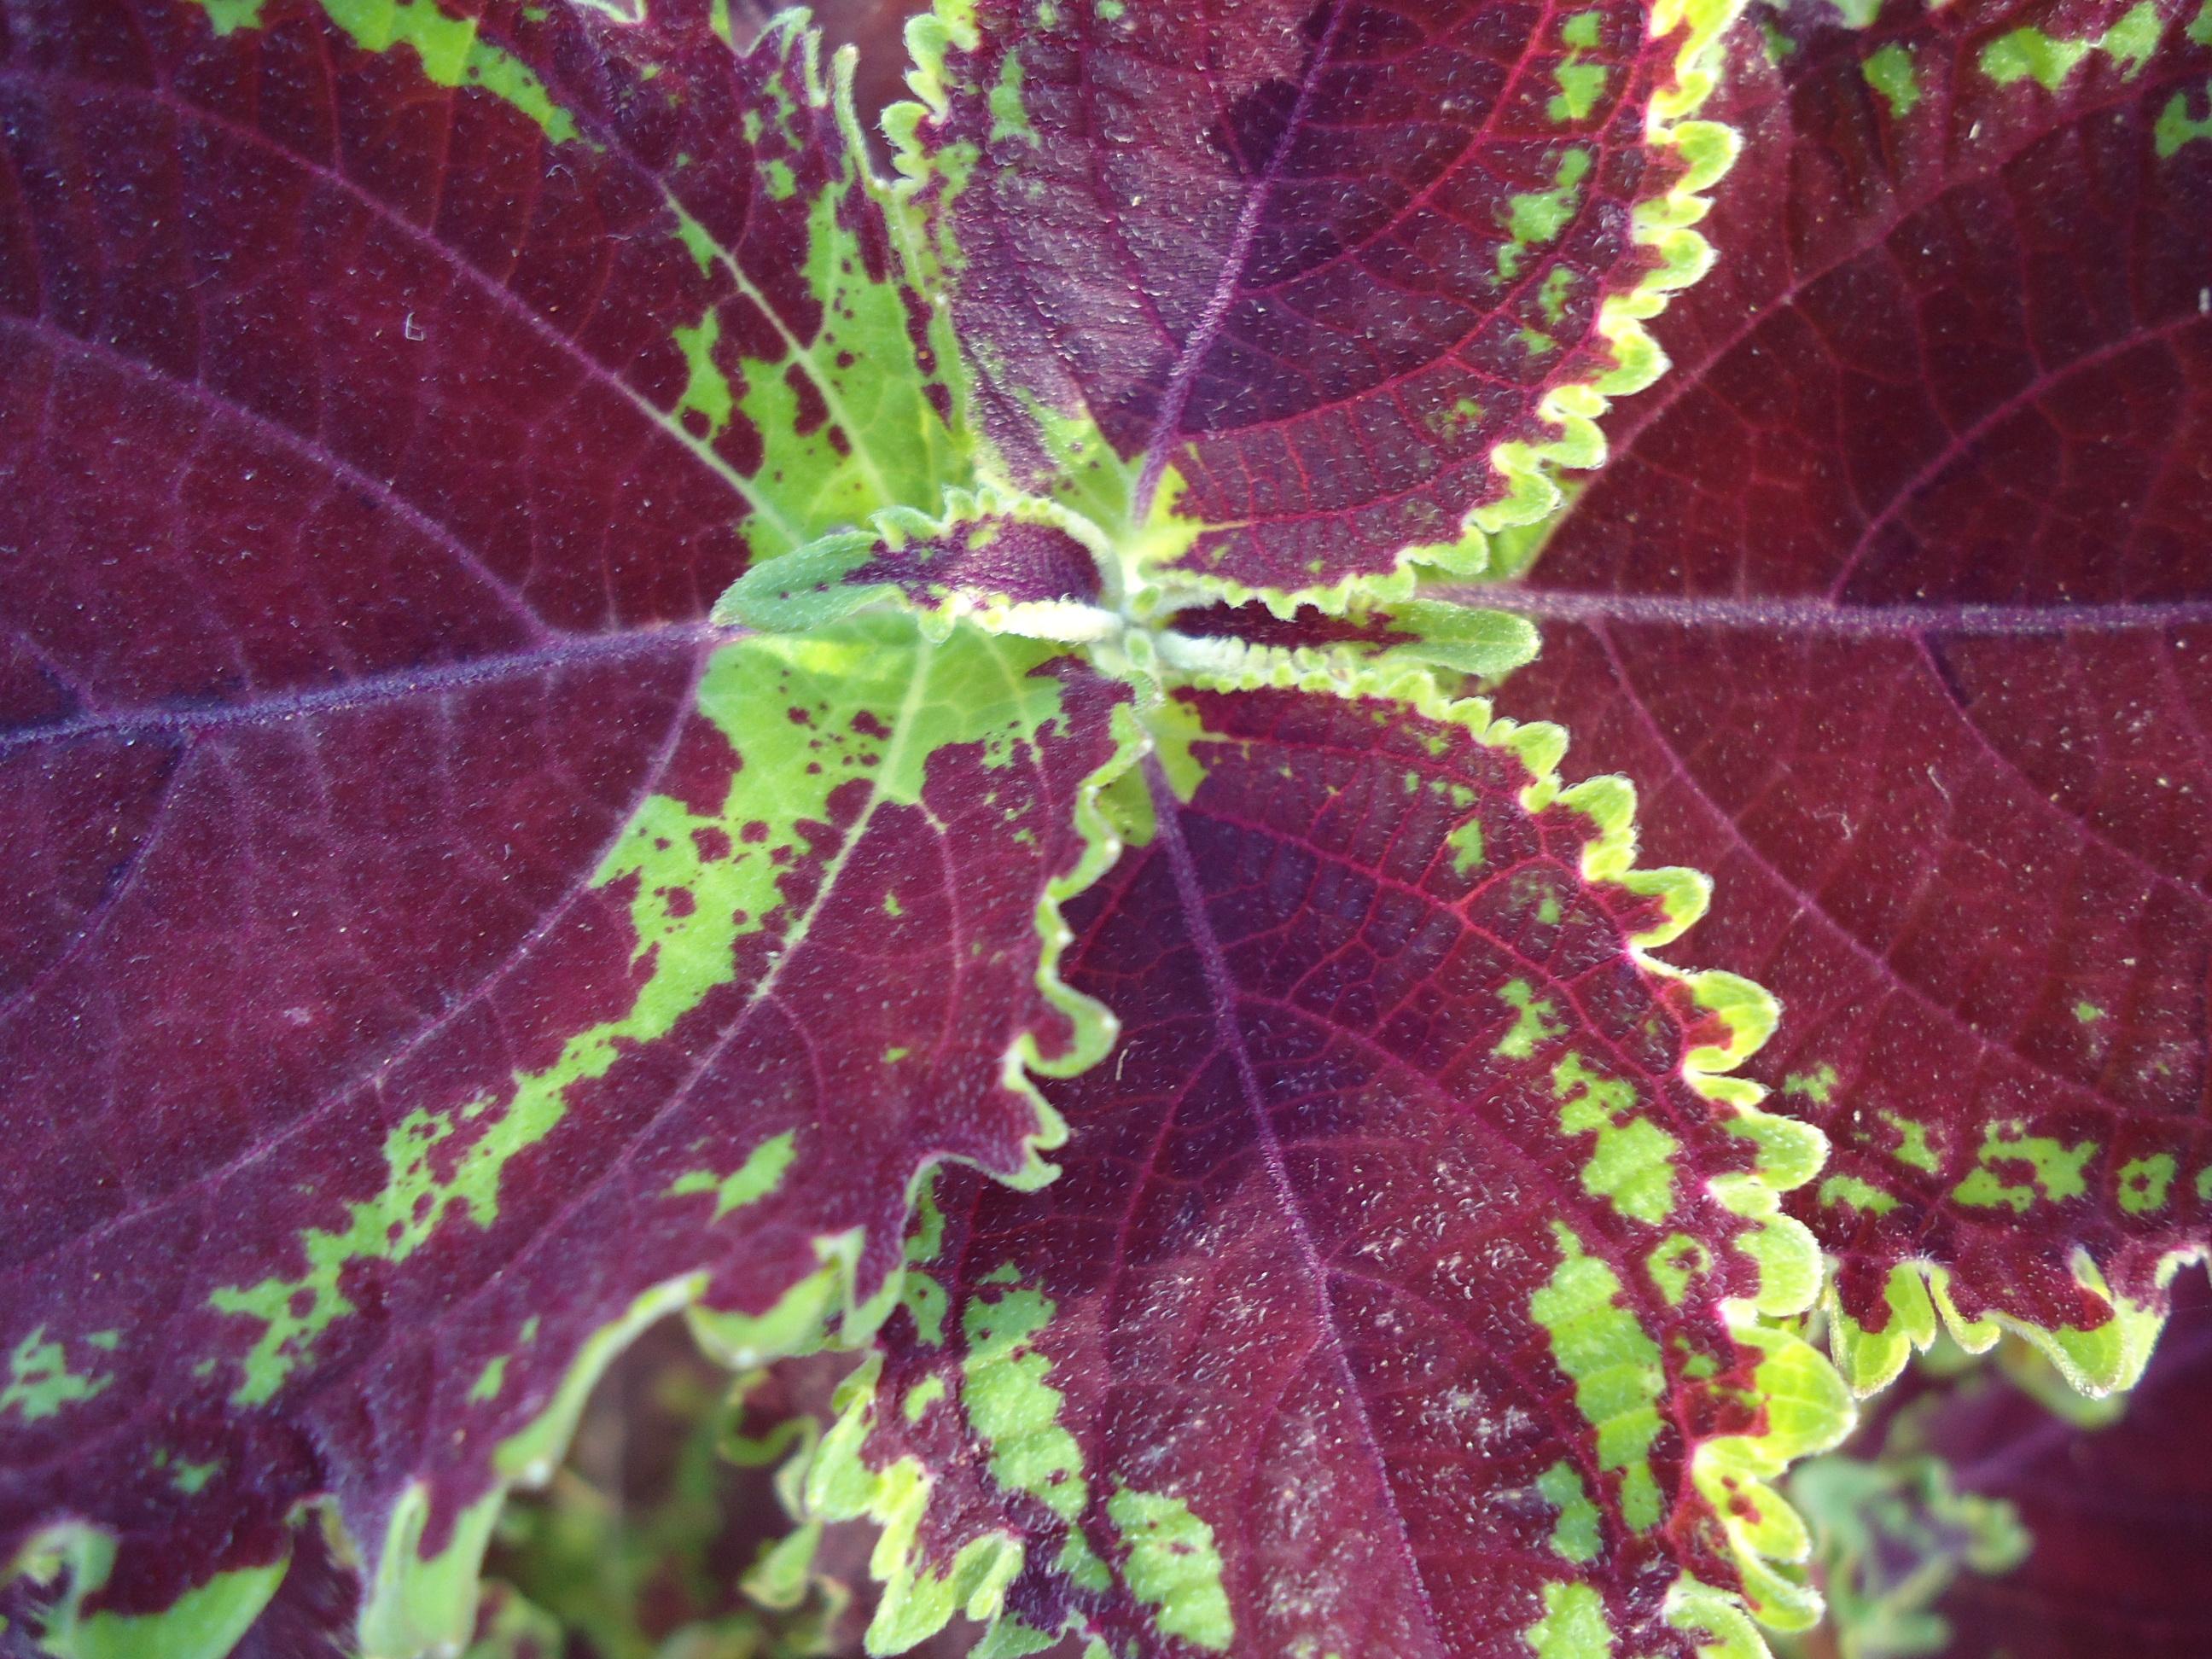 Leaf texture photo